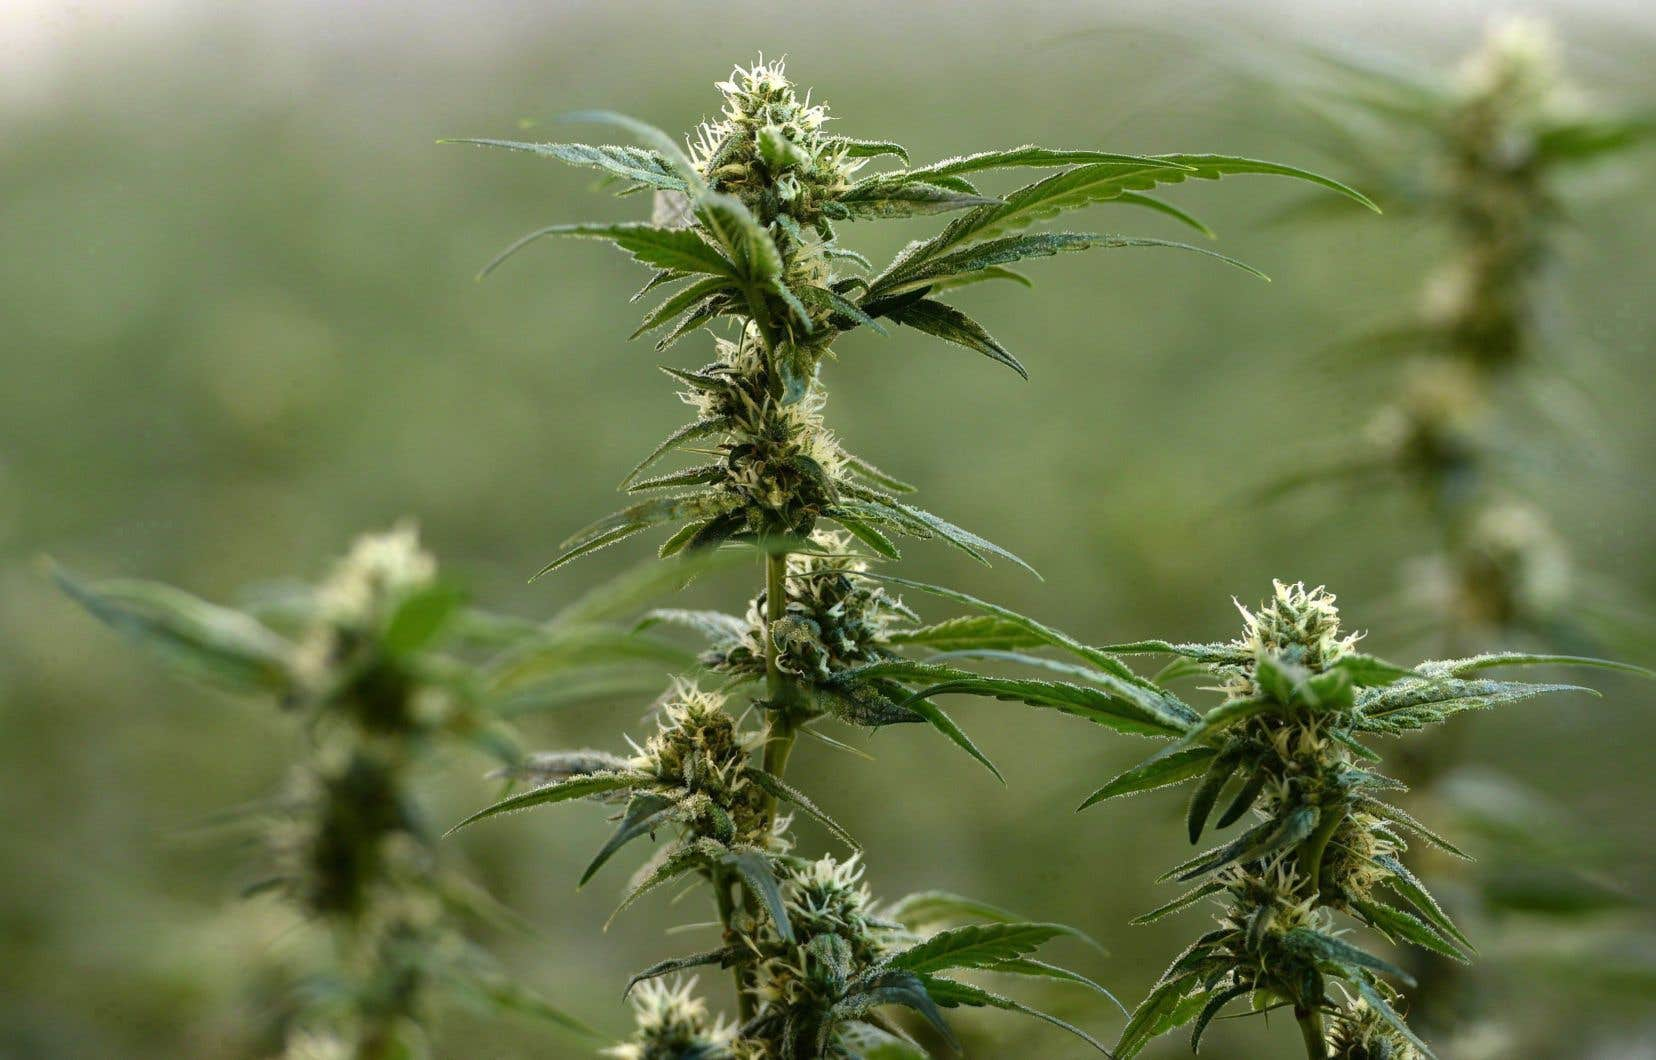 Au cours des derniers mois, d'importantes sociétés américaines du secteur du cannabis comme MedMen, Liberty Health Care et Chalice Farms se sont inscrites à la Bourse des valeurs canadiennes.